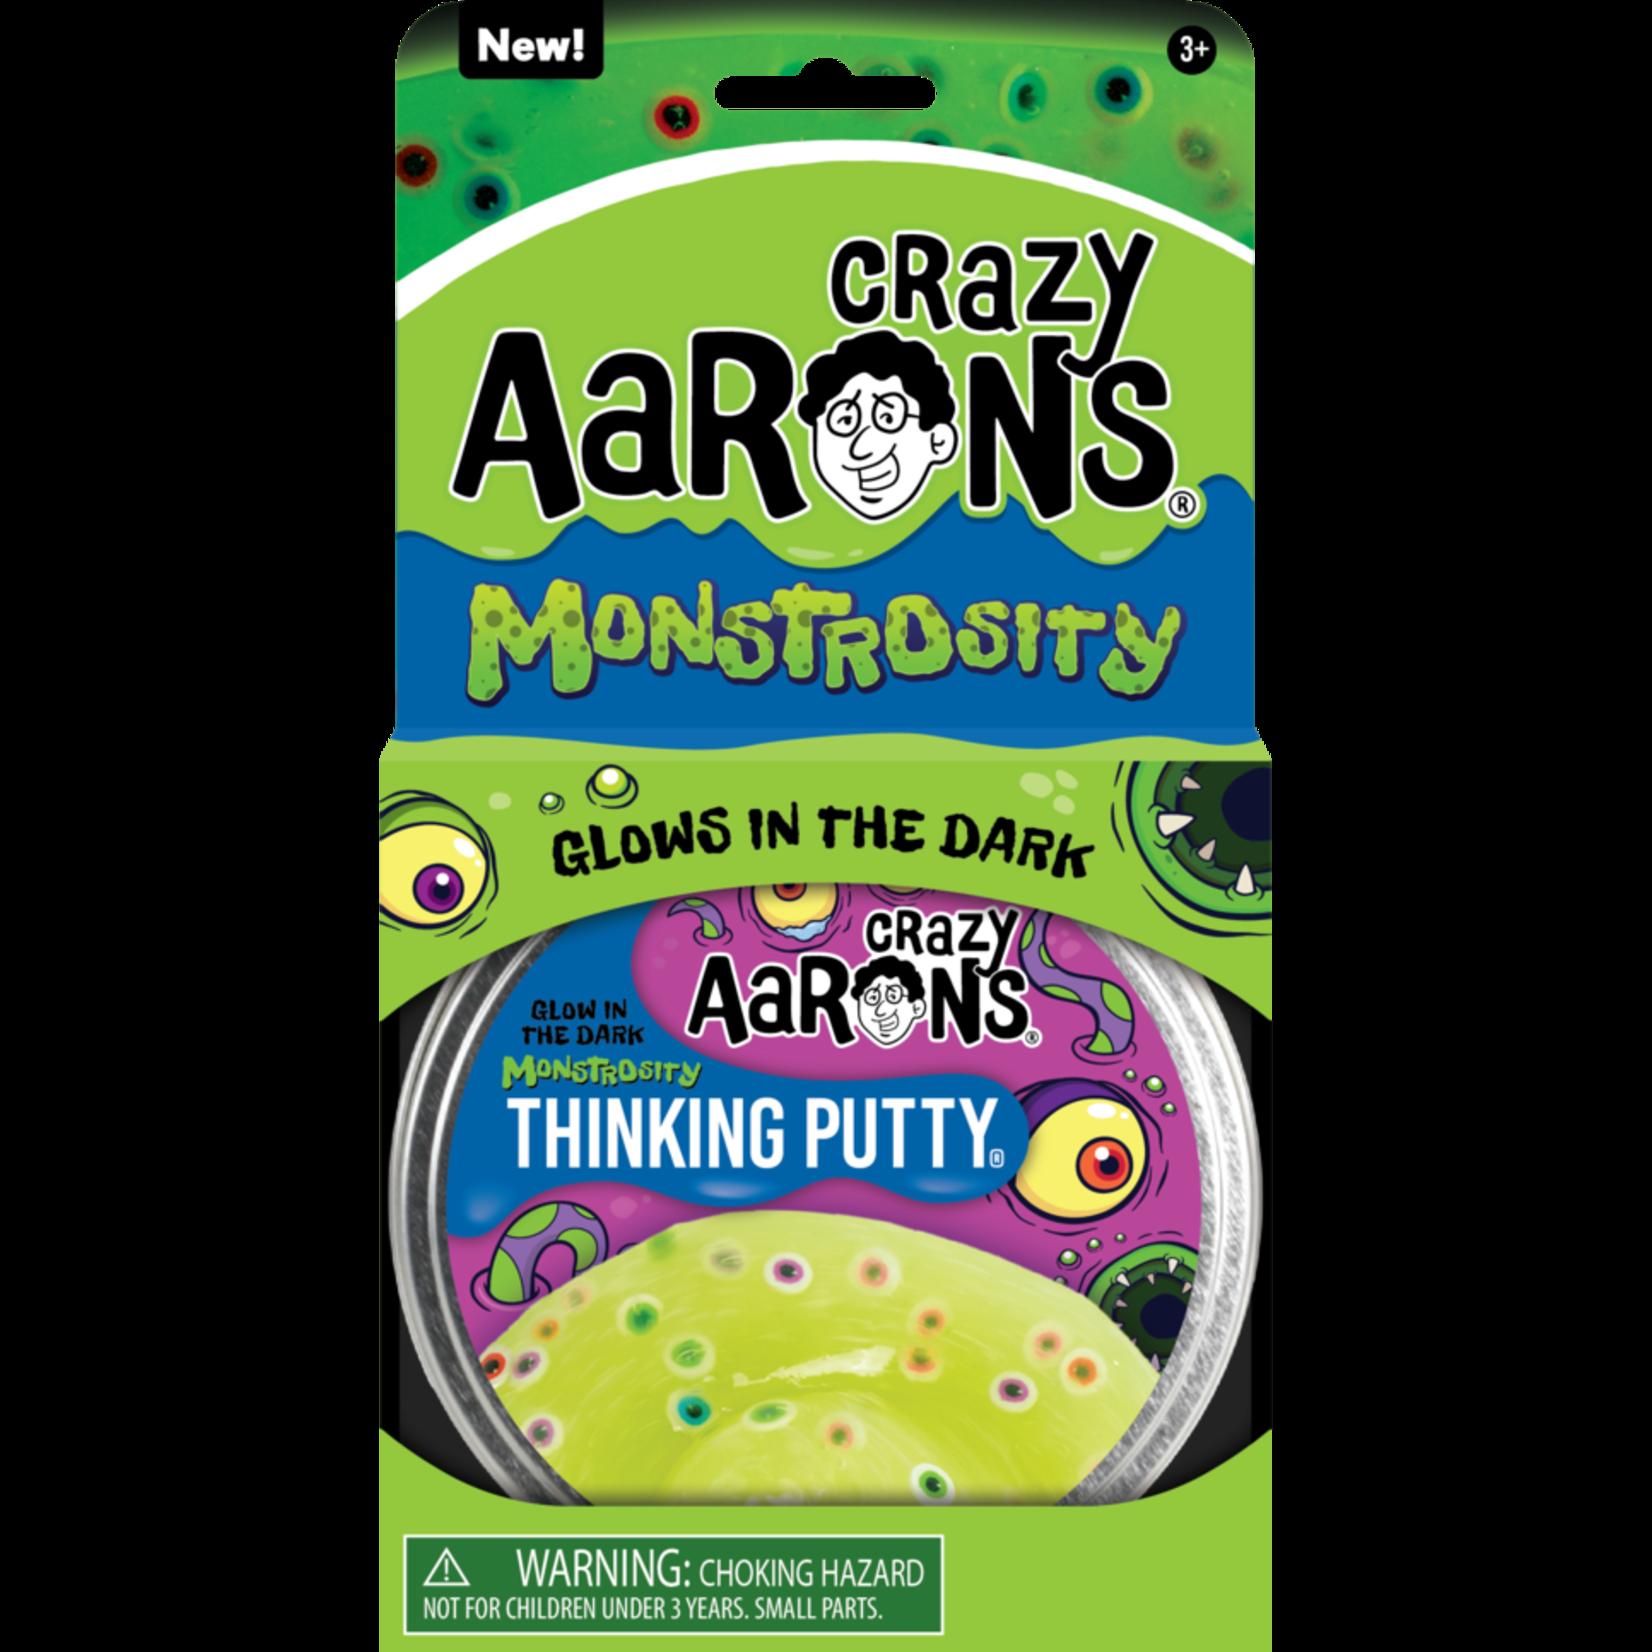 CRAZY AARON'S MONSTROSITY